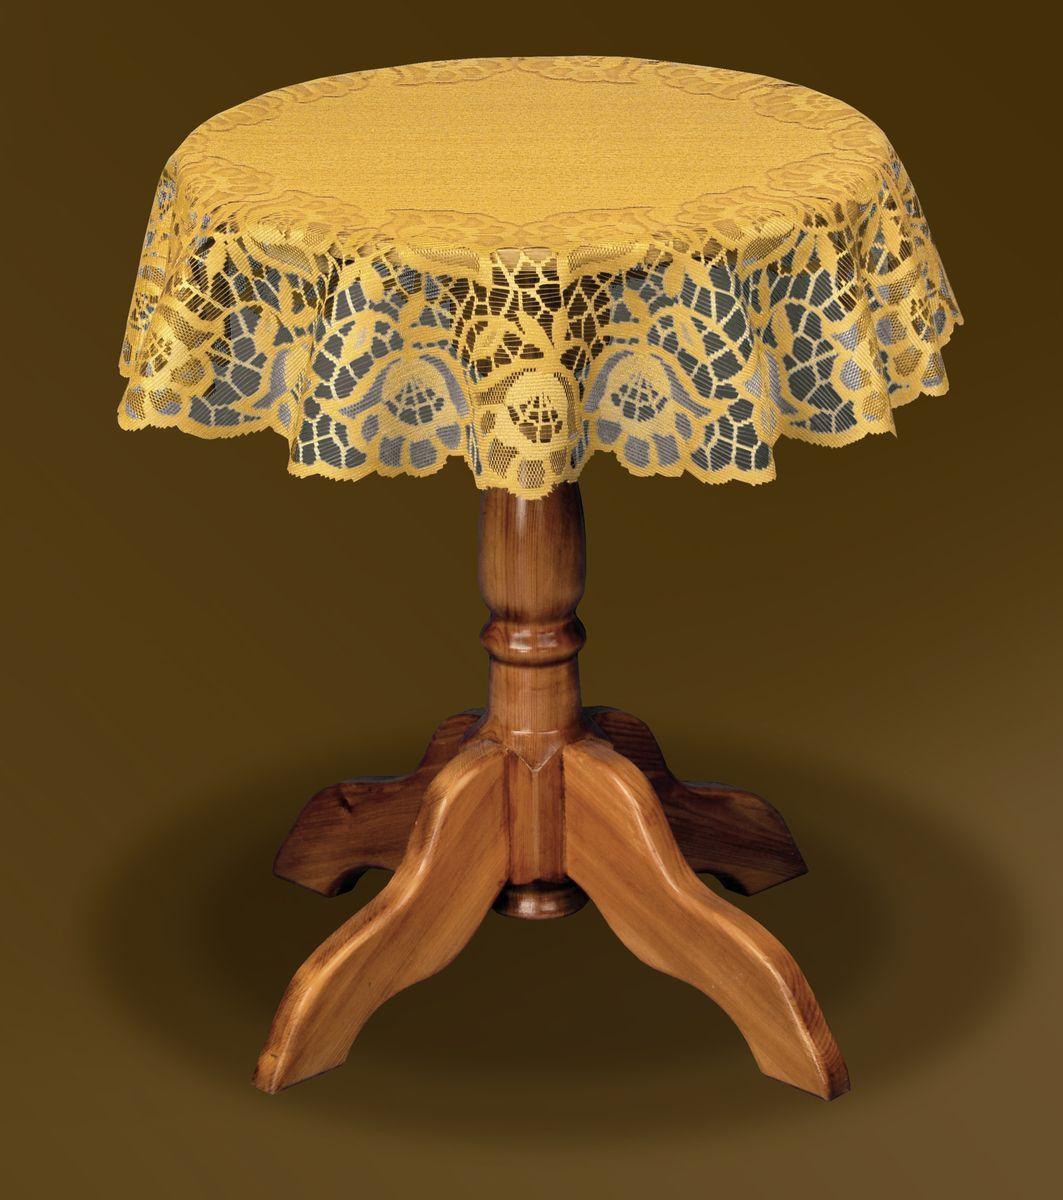 Скатерть Haft Gold Line, круглая, цвет: бронзовый, диаметр 160 см. 206843-160206843-160 бронзаВеликолепная круглая скатерть Haft Gold Line, выполненная из полиэстера, органично впишется в интерьер любого помещения, а оригинальный дизайн удовлетворит даже самый изысканный вкус. Скатерть выполнена из сетчатого материала с ажурным цветочным орнаментом по краям. Скатерть Haft Gold Line создаст праздничное настроение и станет прекрасным дополнением интерьера гостиной, кухни или столовой. Диаметр скатерти: 160 см.